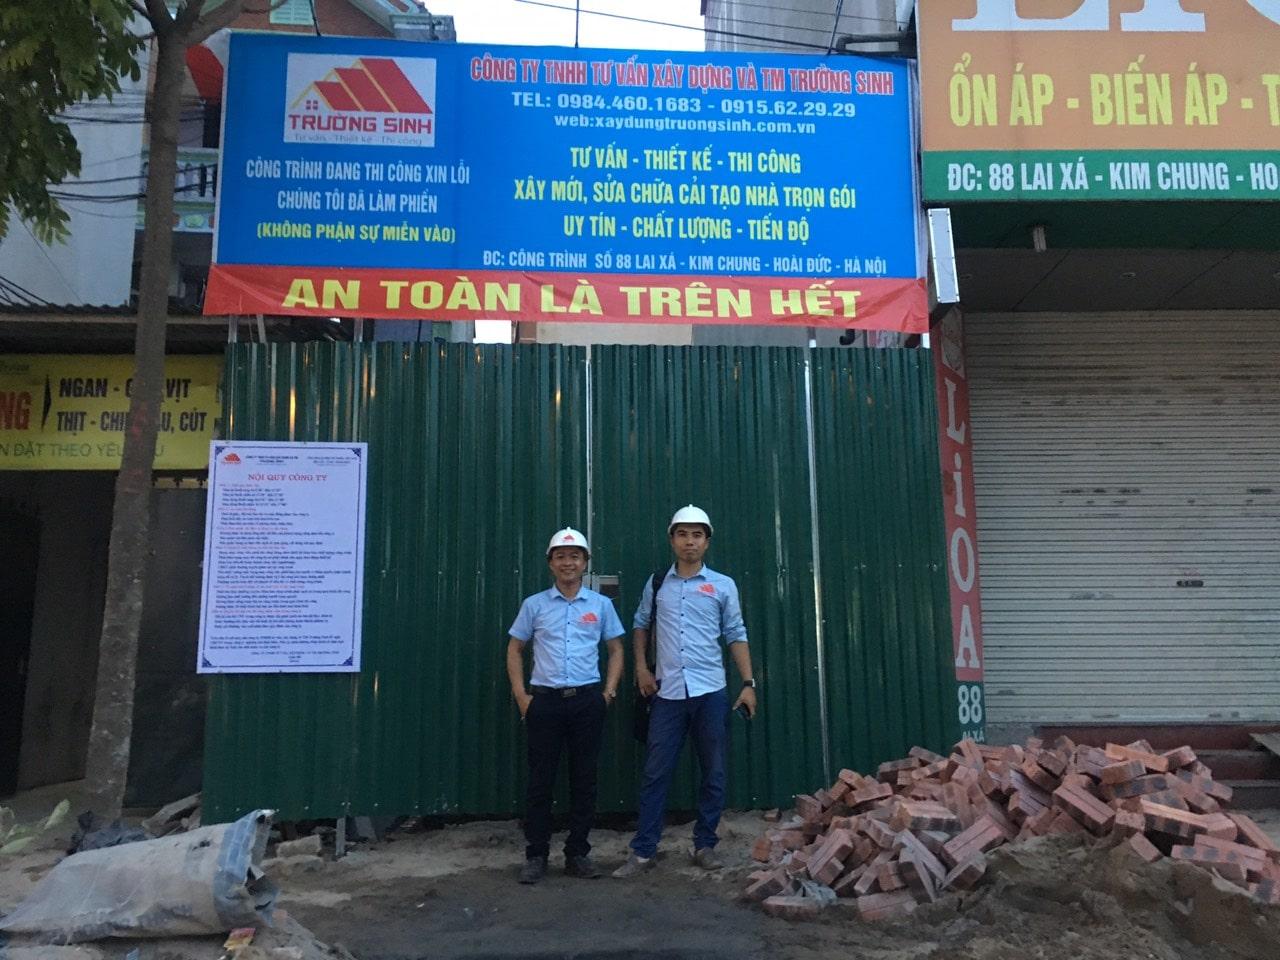 Xây nhà trọn gói giá rẻ mặt phố Huyện Hoài Đức thành phố Hà Nội